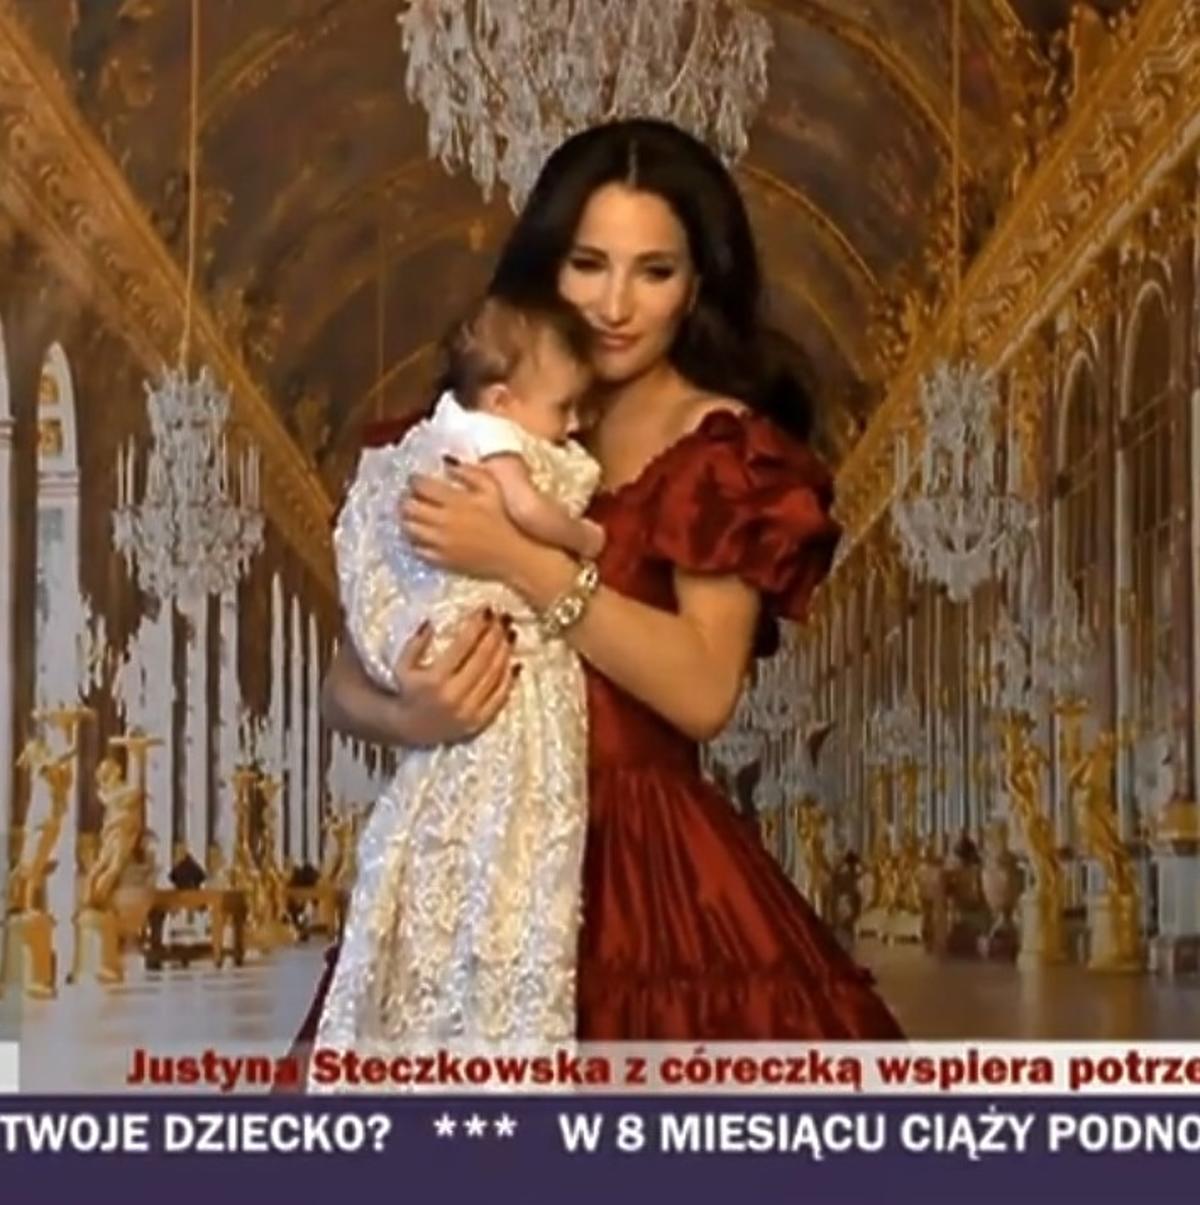 Justyna Steczkowska z córką Helenką za kulisami sesji dla